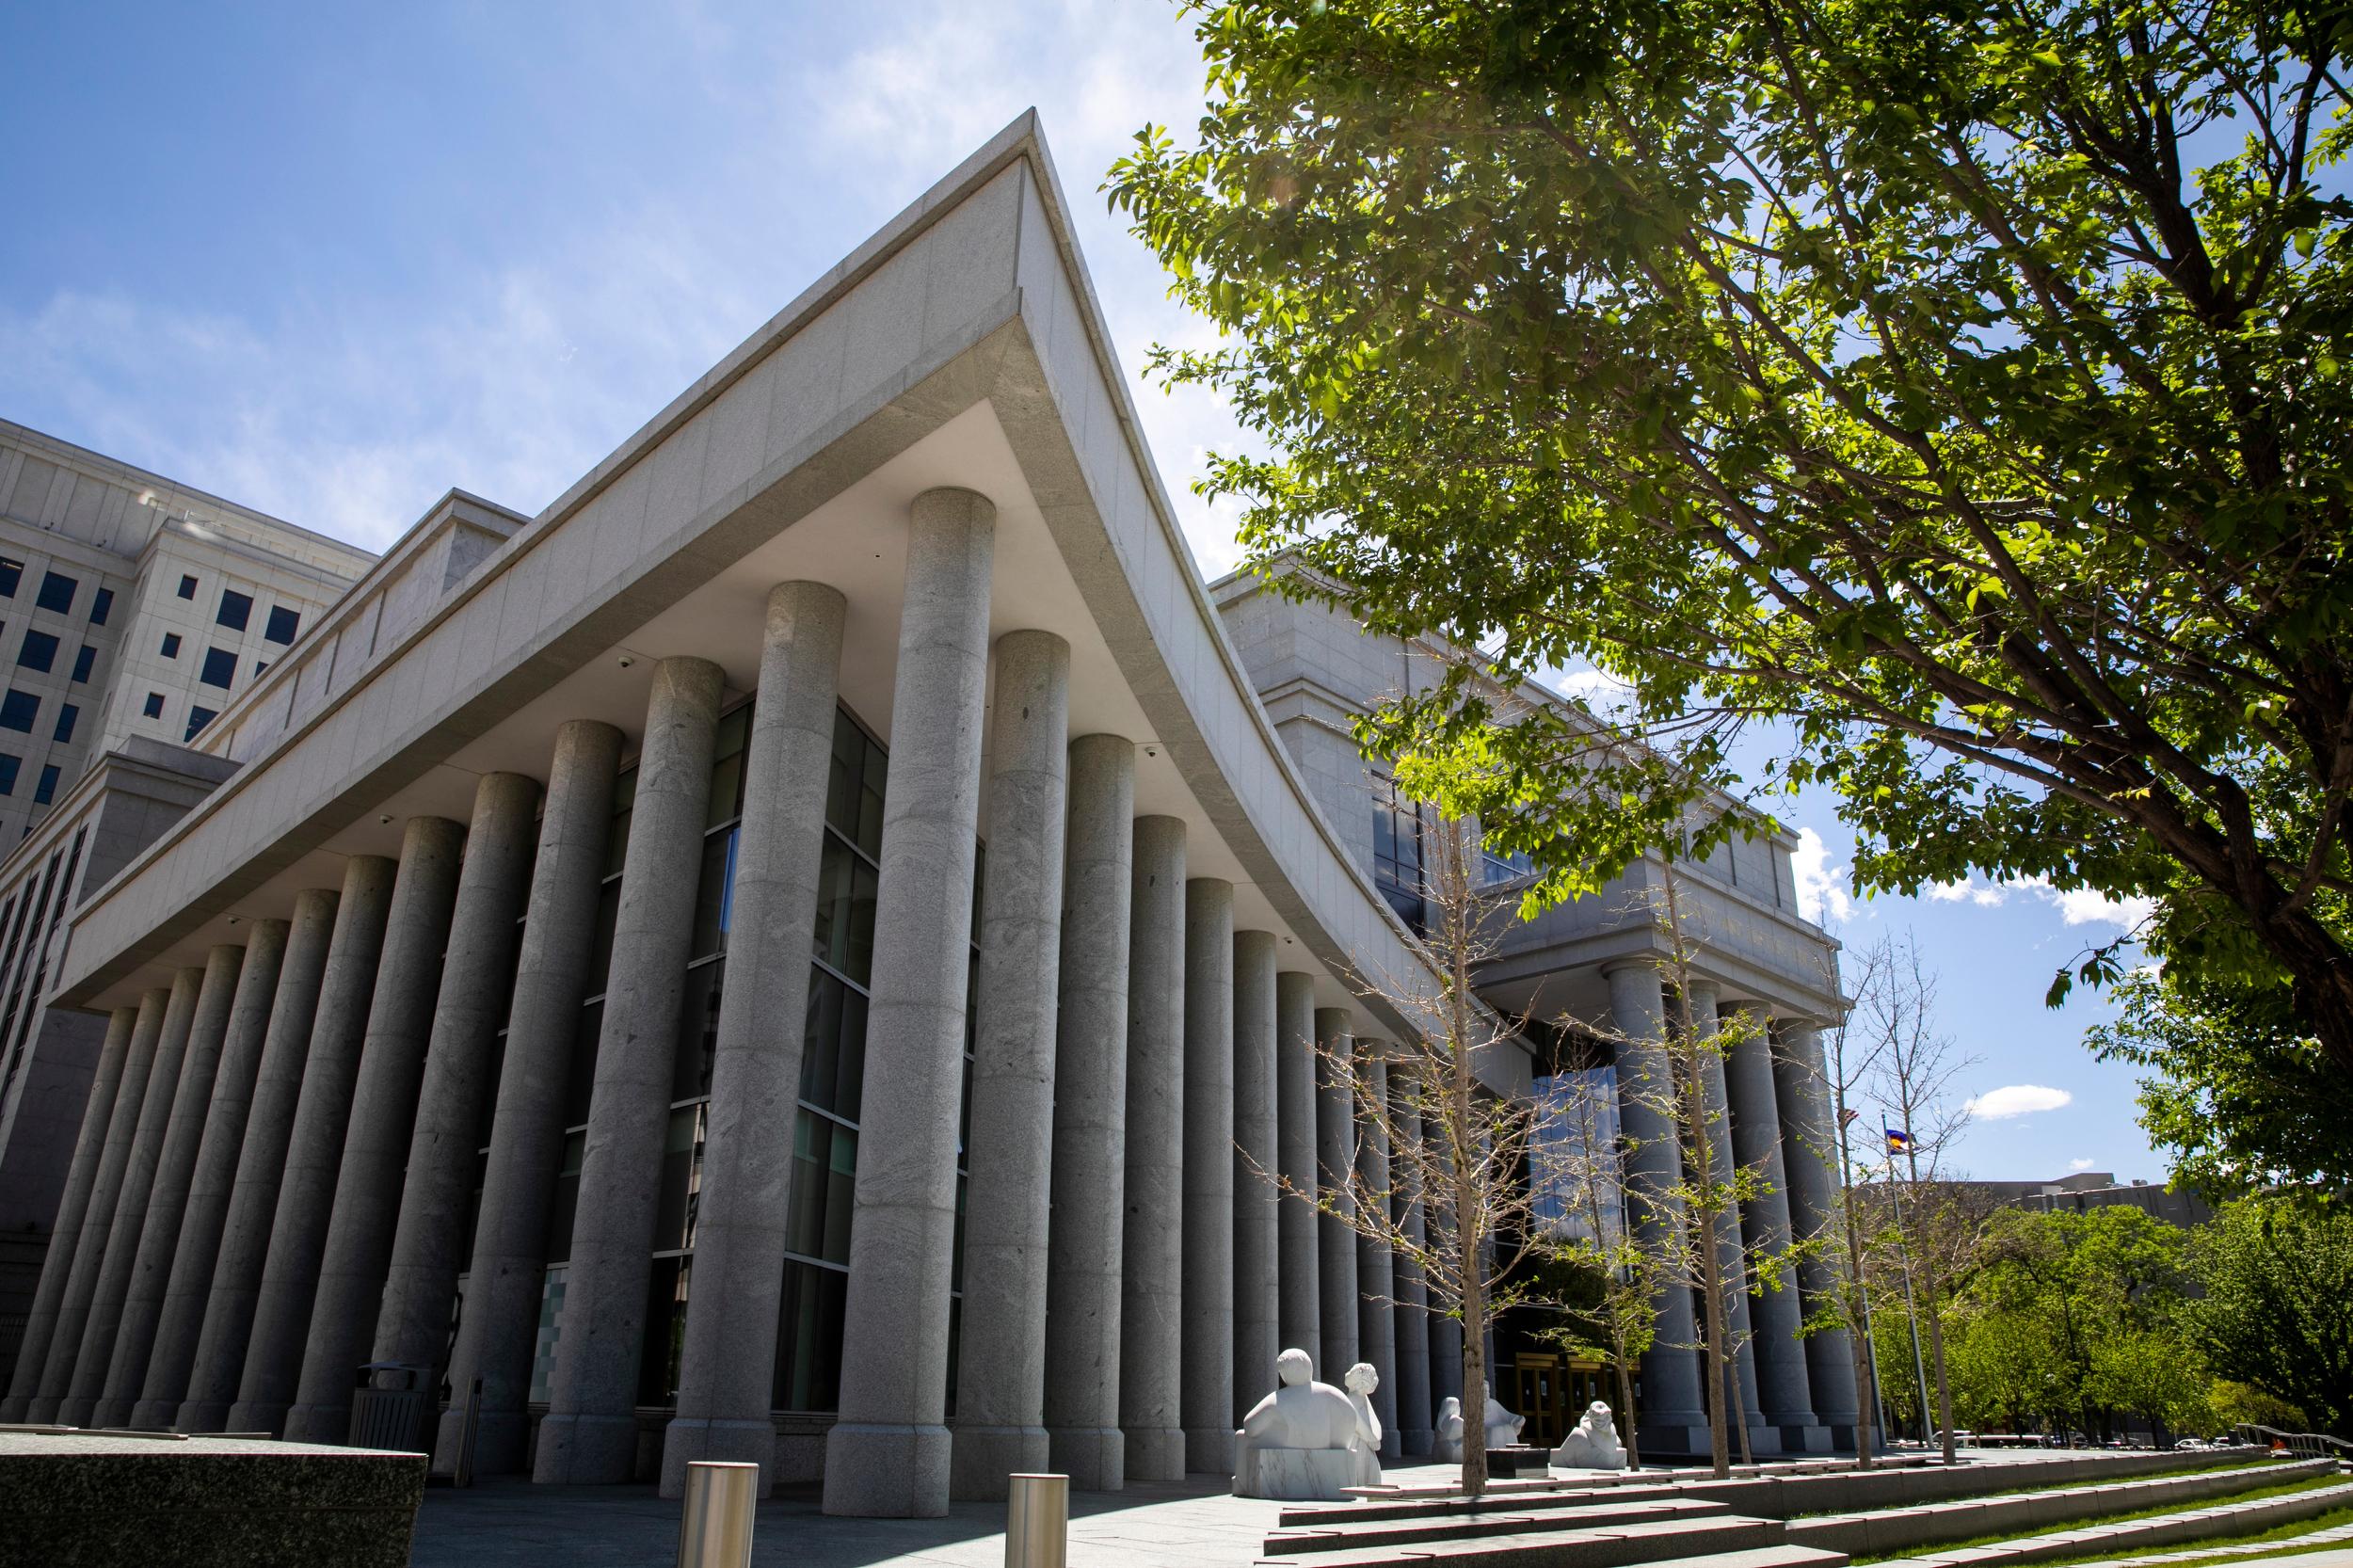 Colorado Supreme Court building in Denver